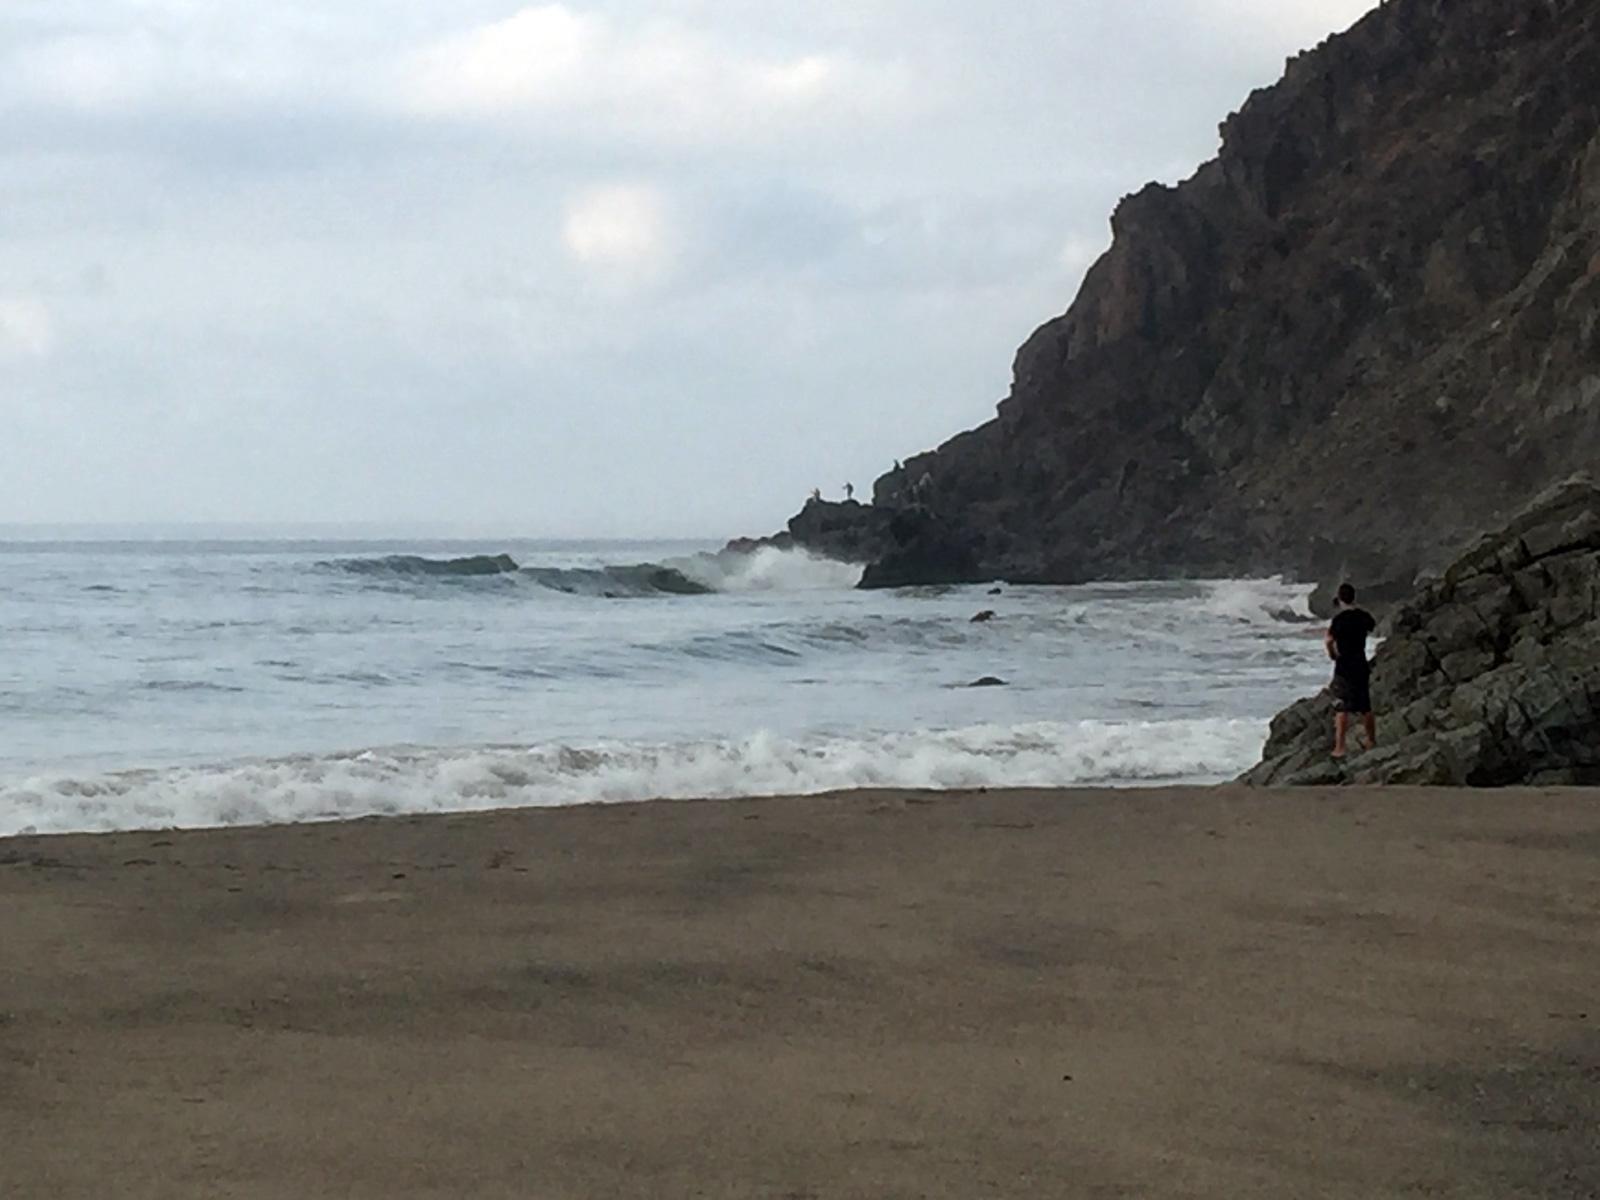 Las Palmeras Surf Camp, Salina Cruz, Escondida March 2018